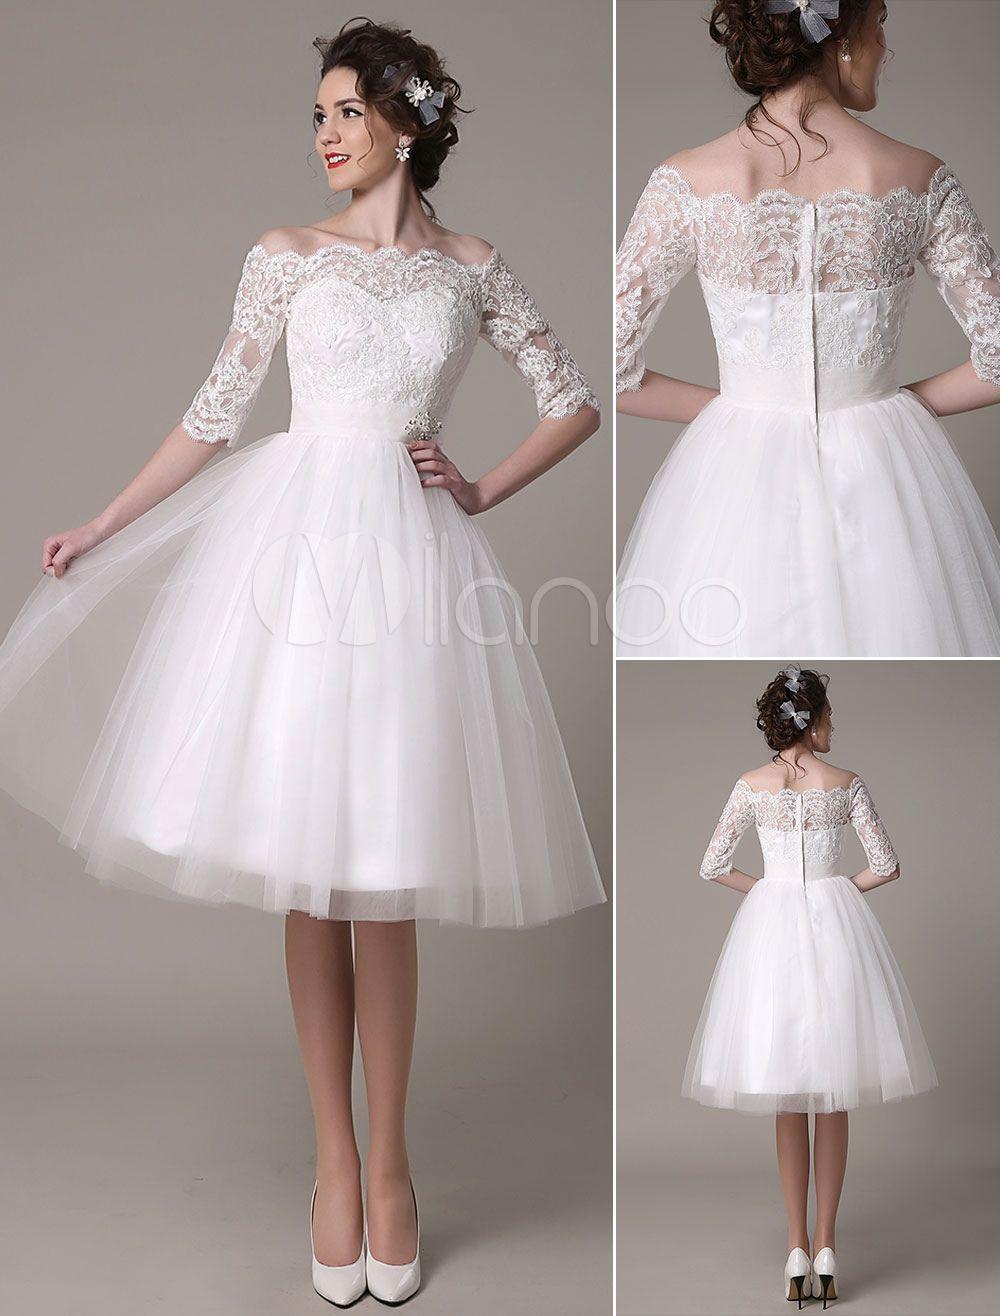 Lace wedding dresses short off the shoulder a line knee length